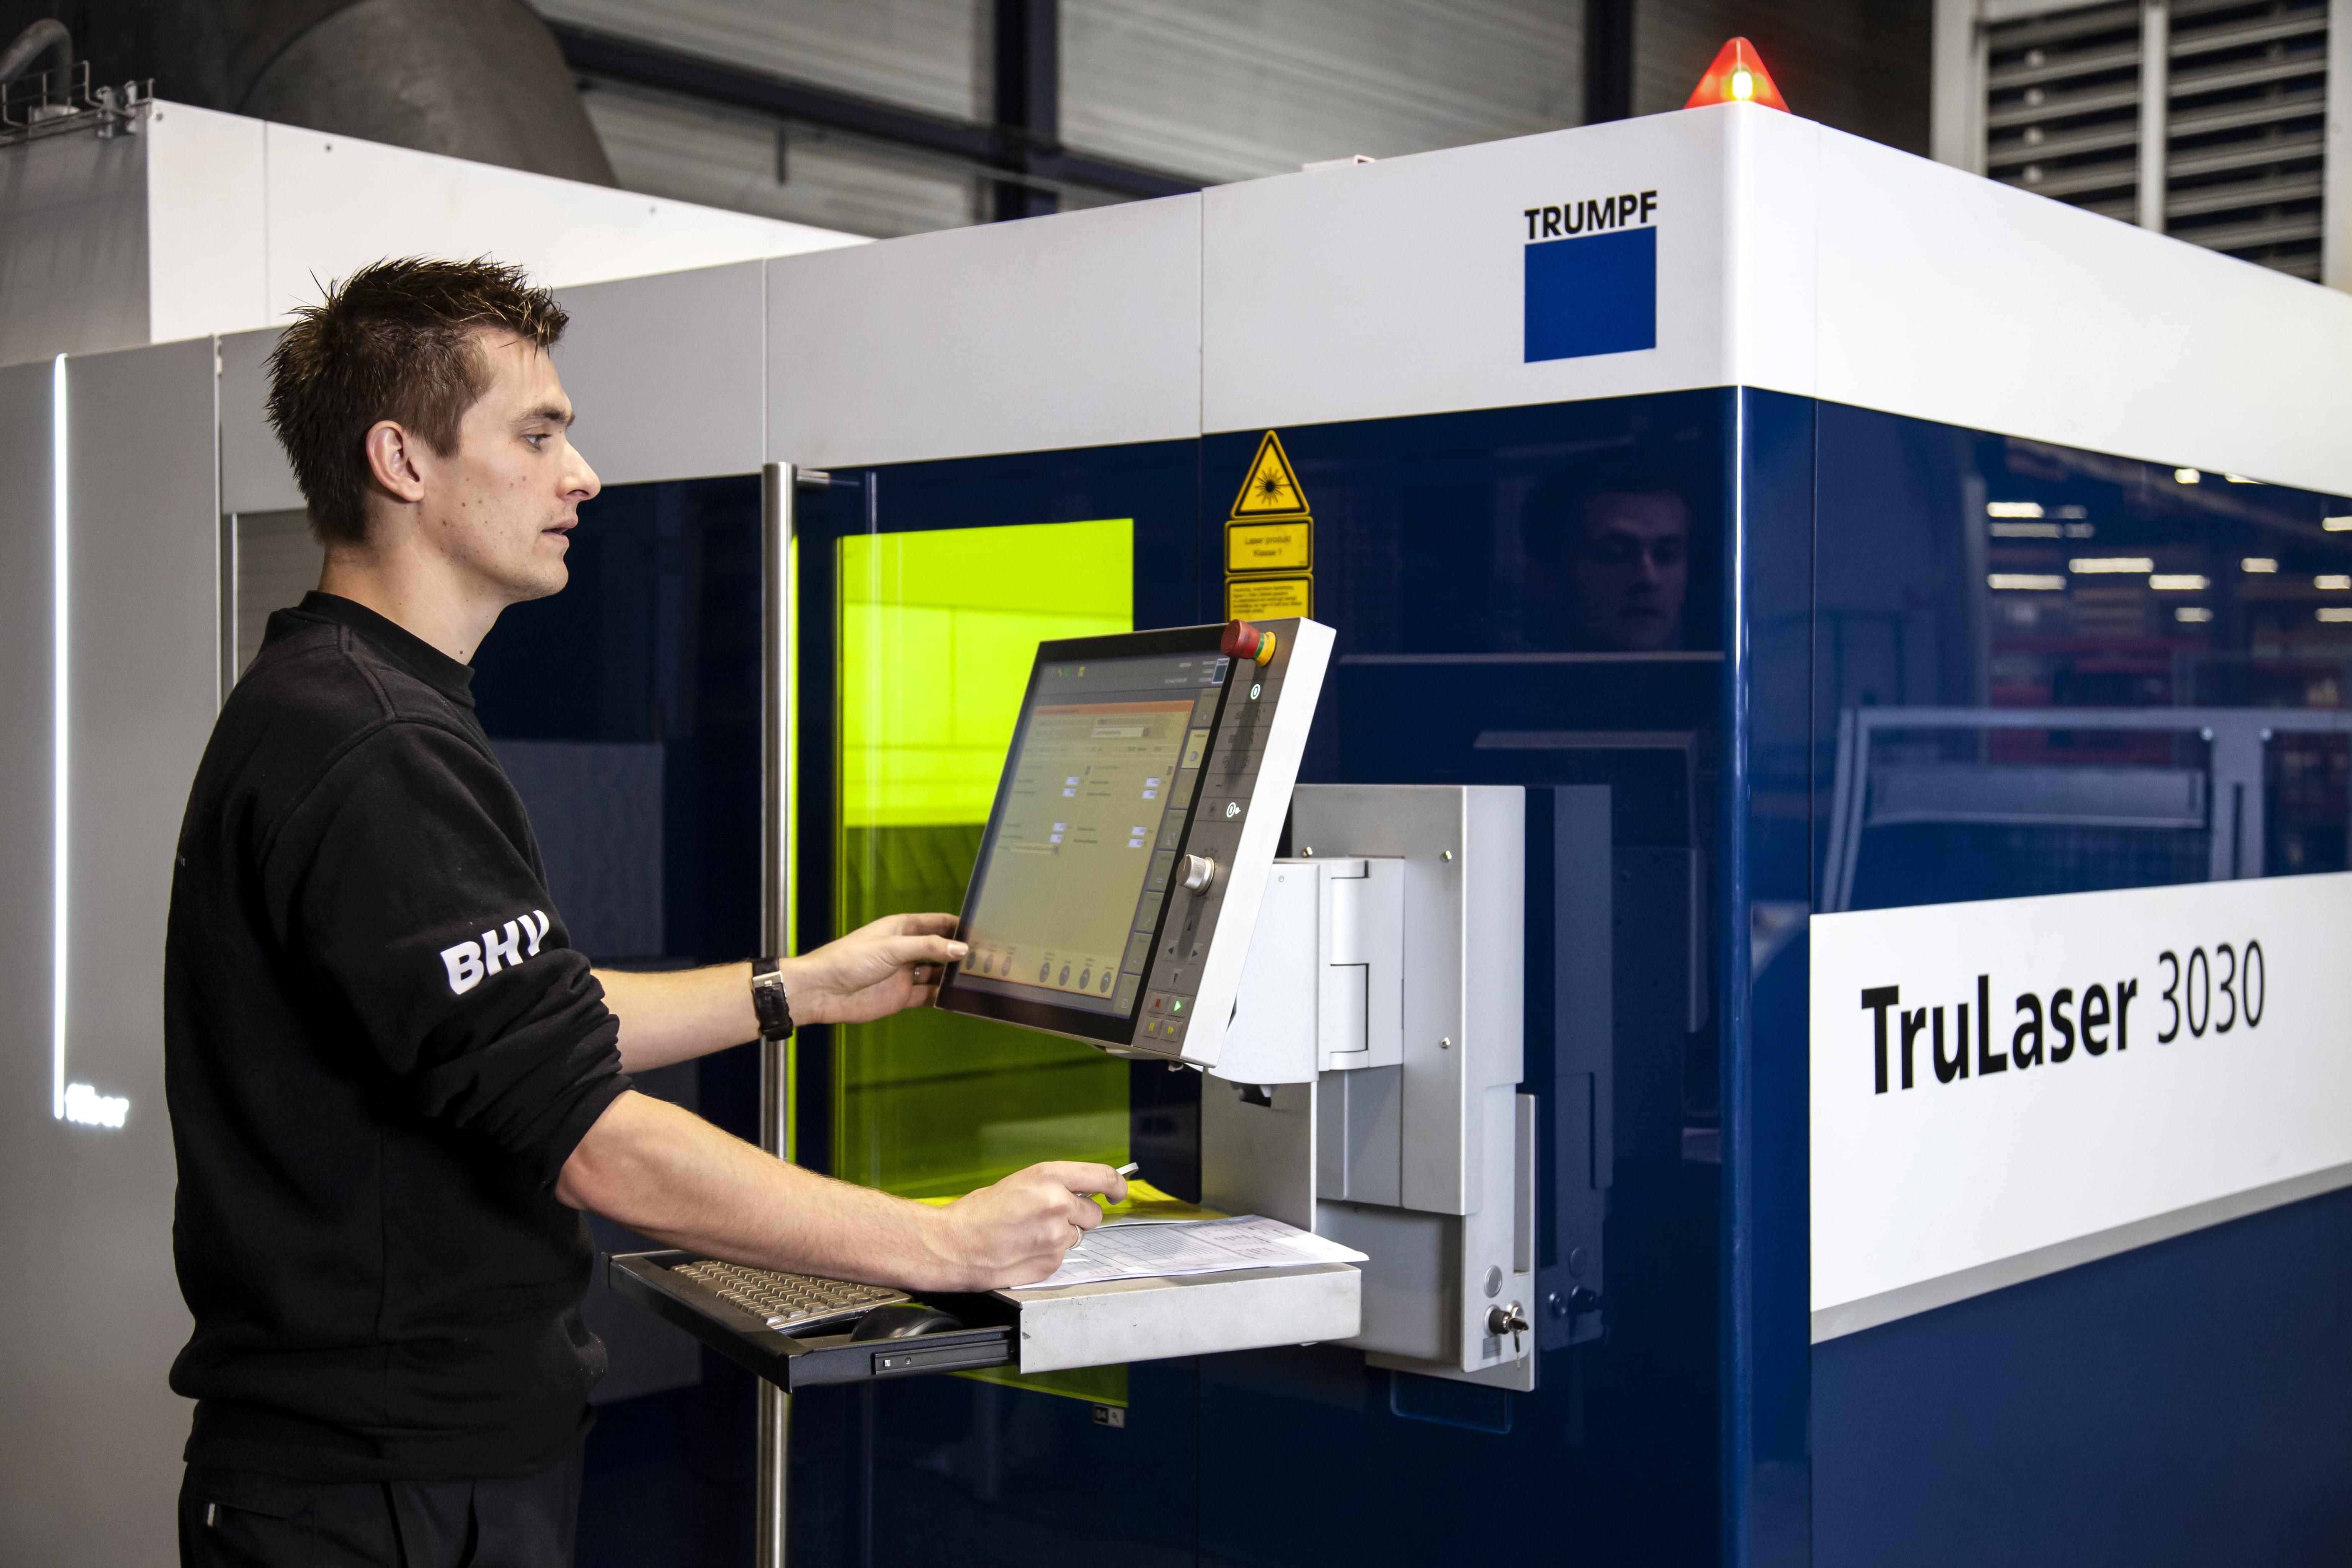 lasersnijden trumpf machine en medewerker